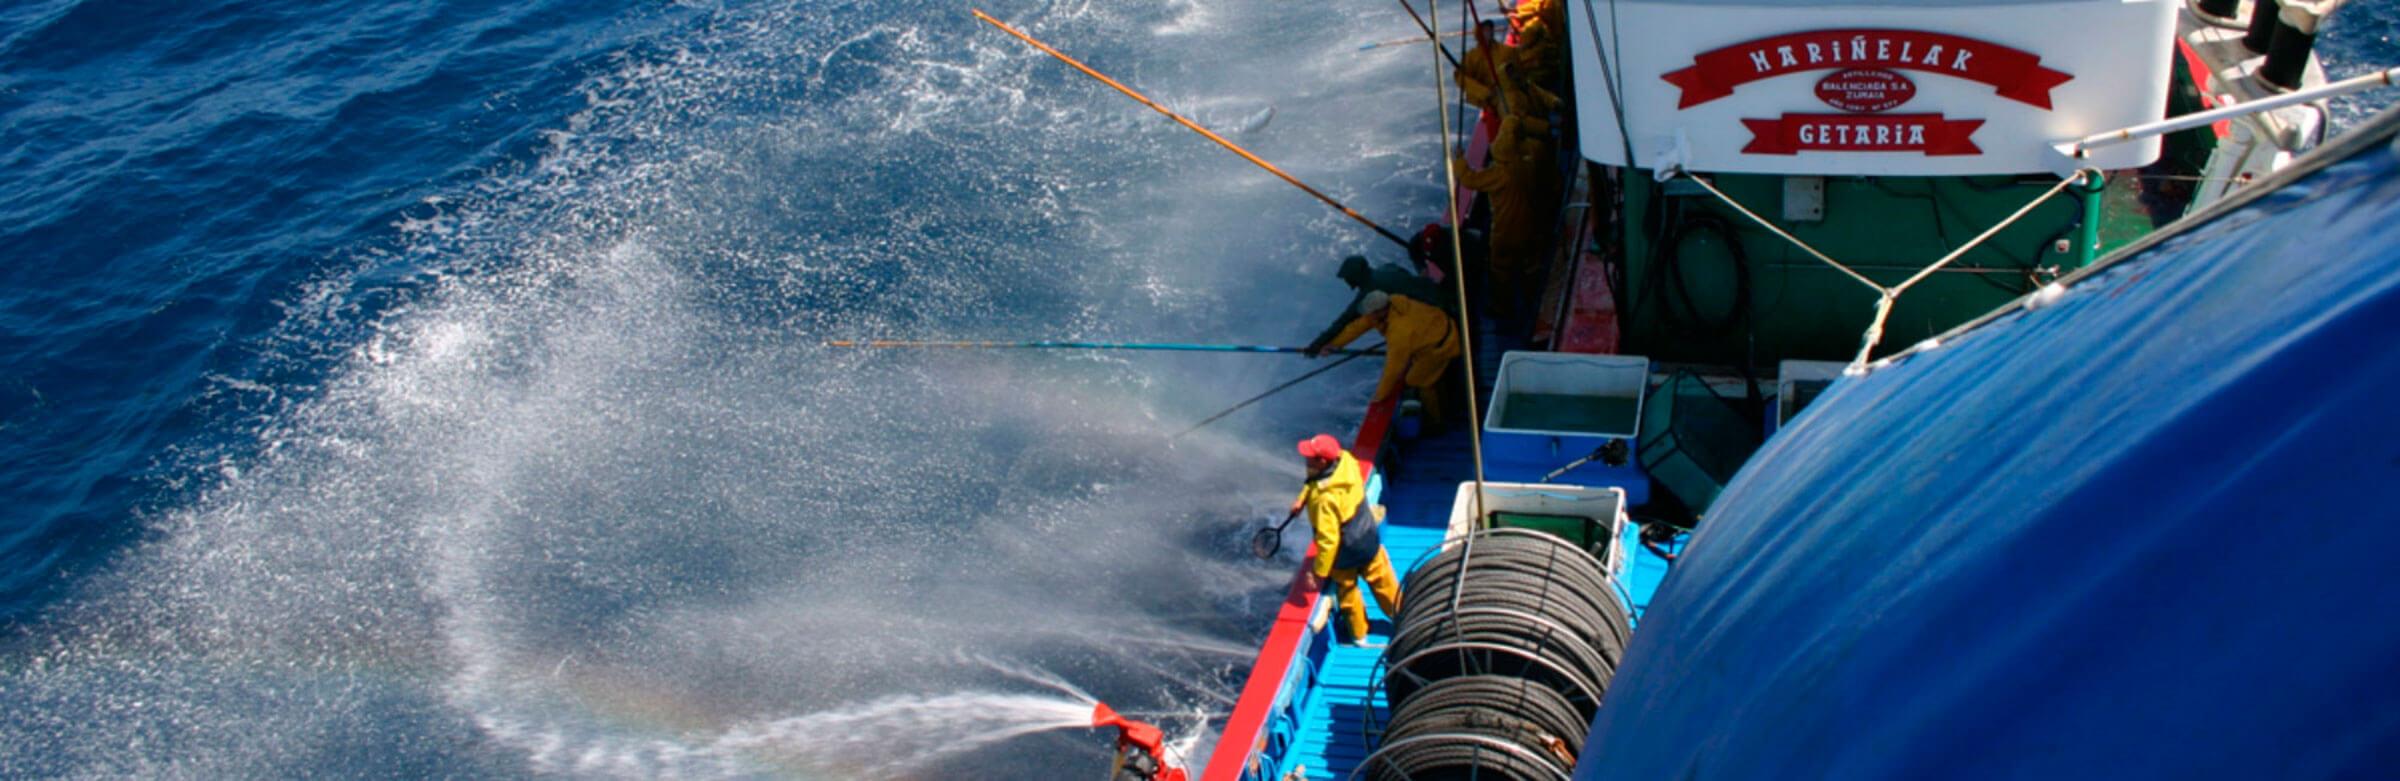 pescadores pesca sostenible y responsable